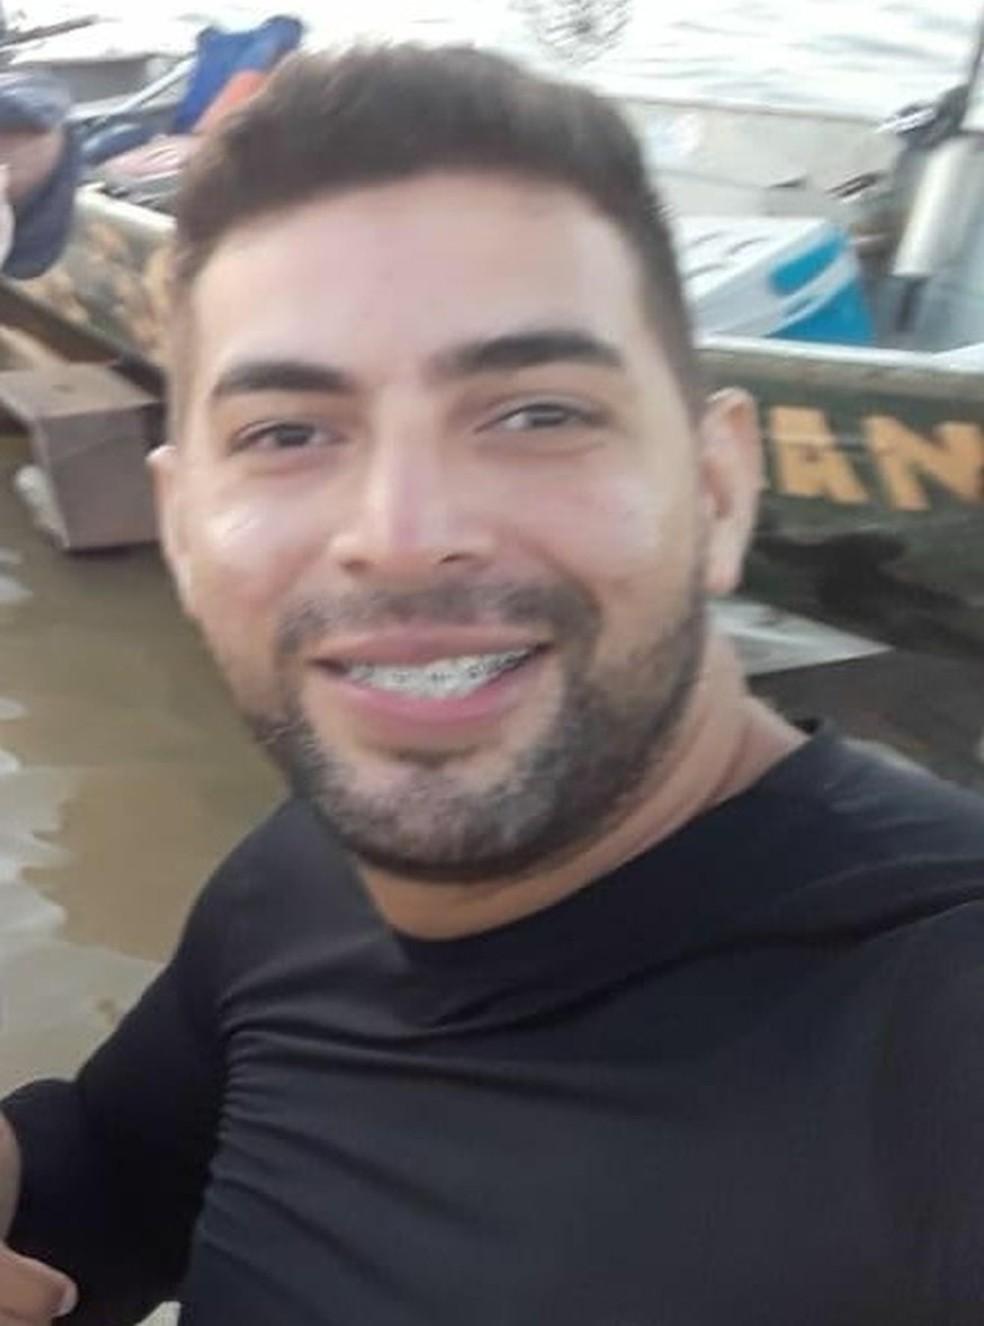 Marcos Paulo de Lima Marques, de 28 anos, desapareceu na última quinta-feira (15) após pescar com um amigo.  — Foto: Divulgação/Sistema penitenciário